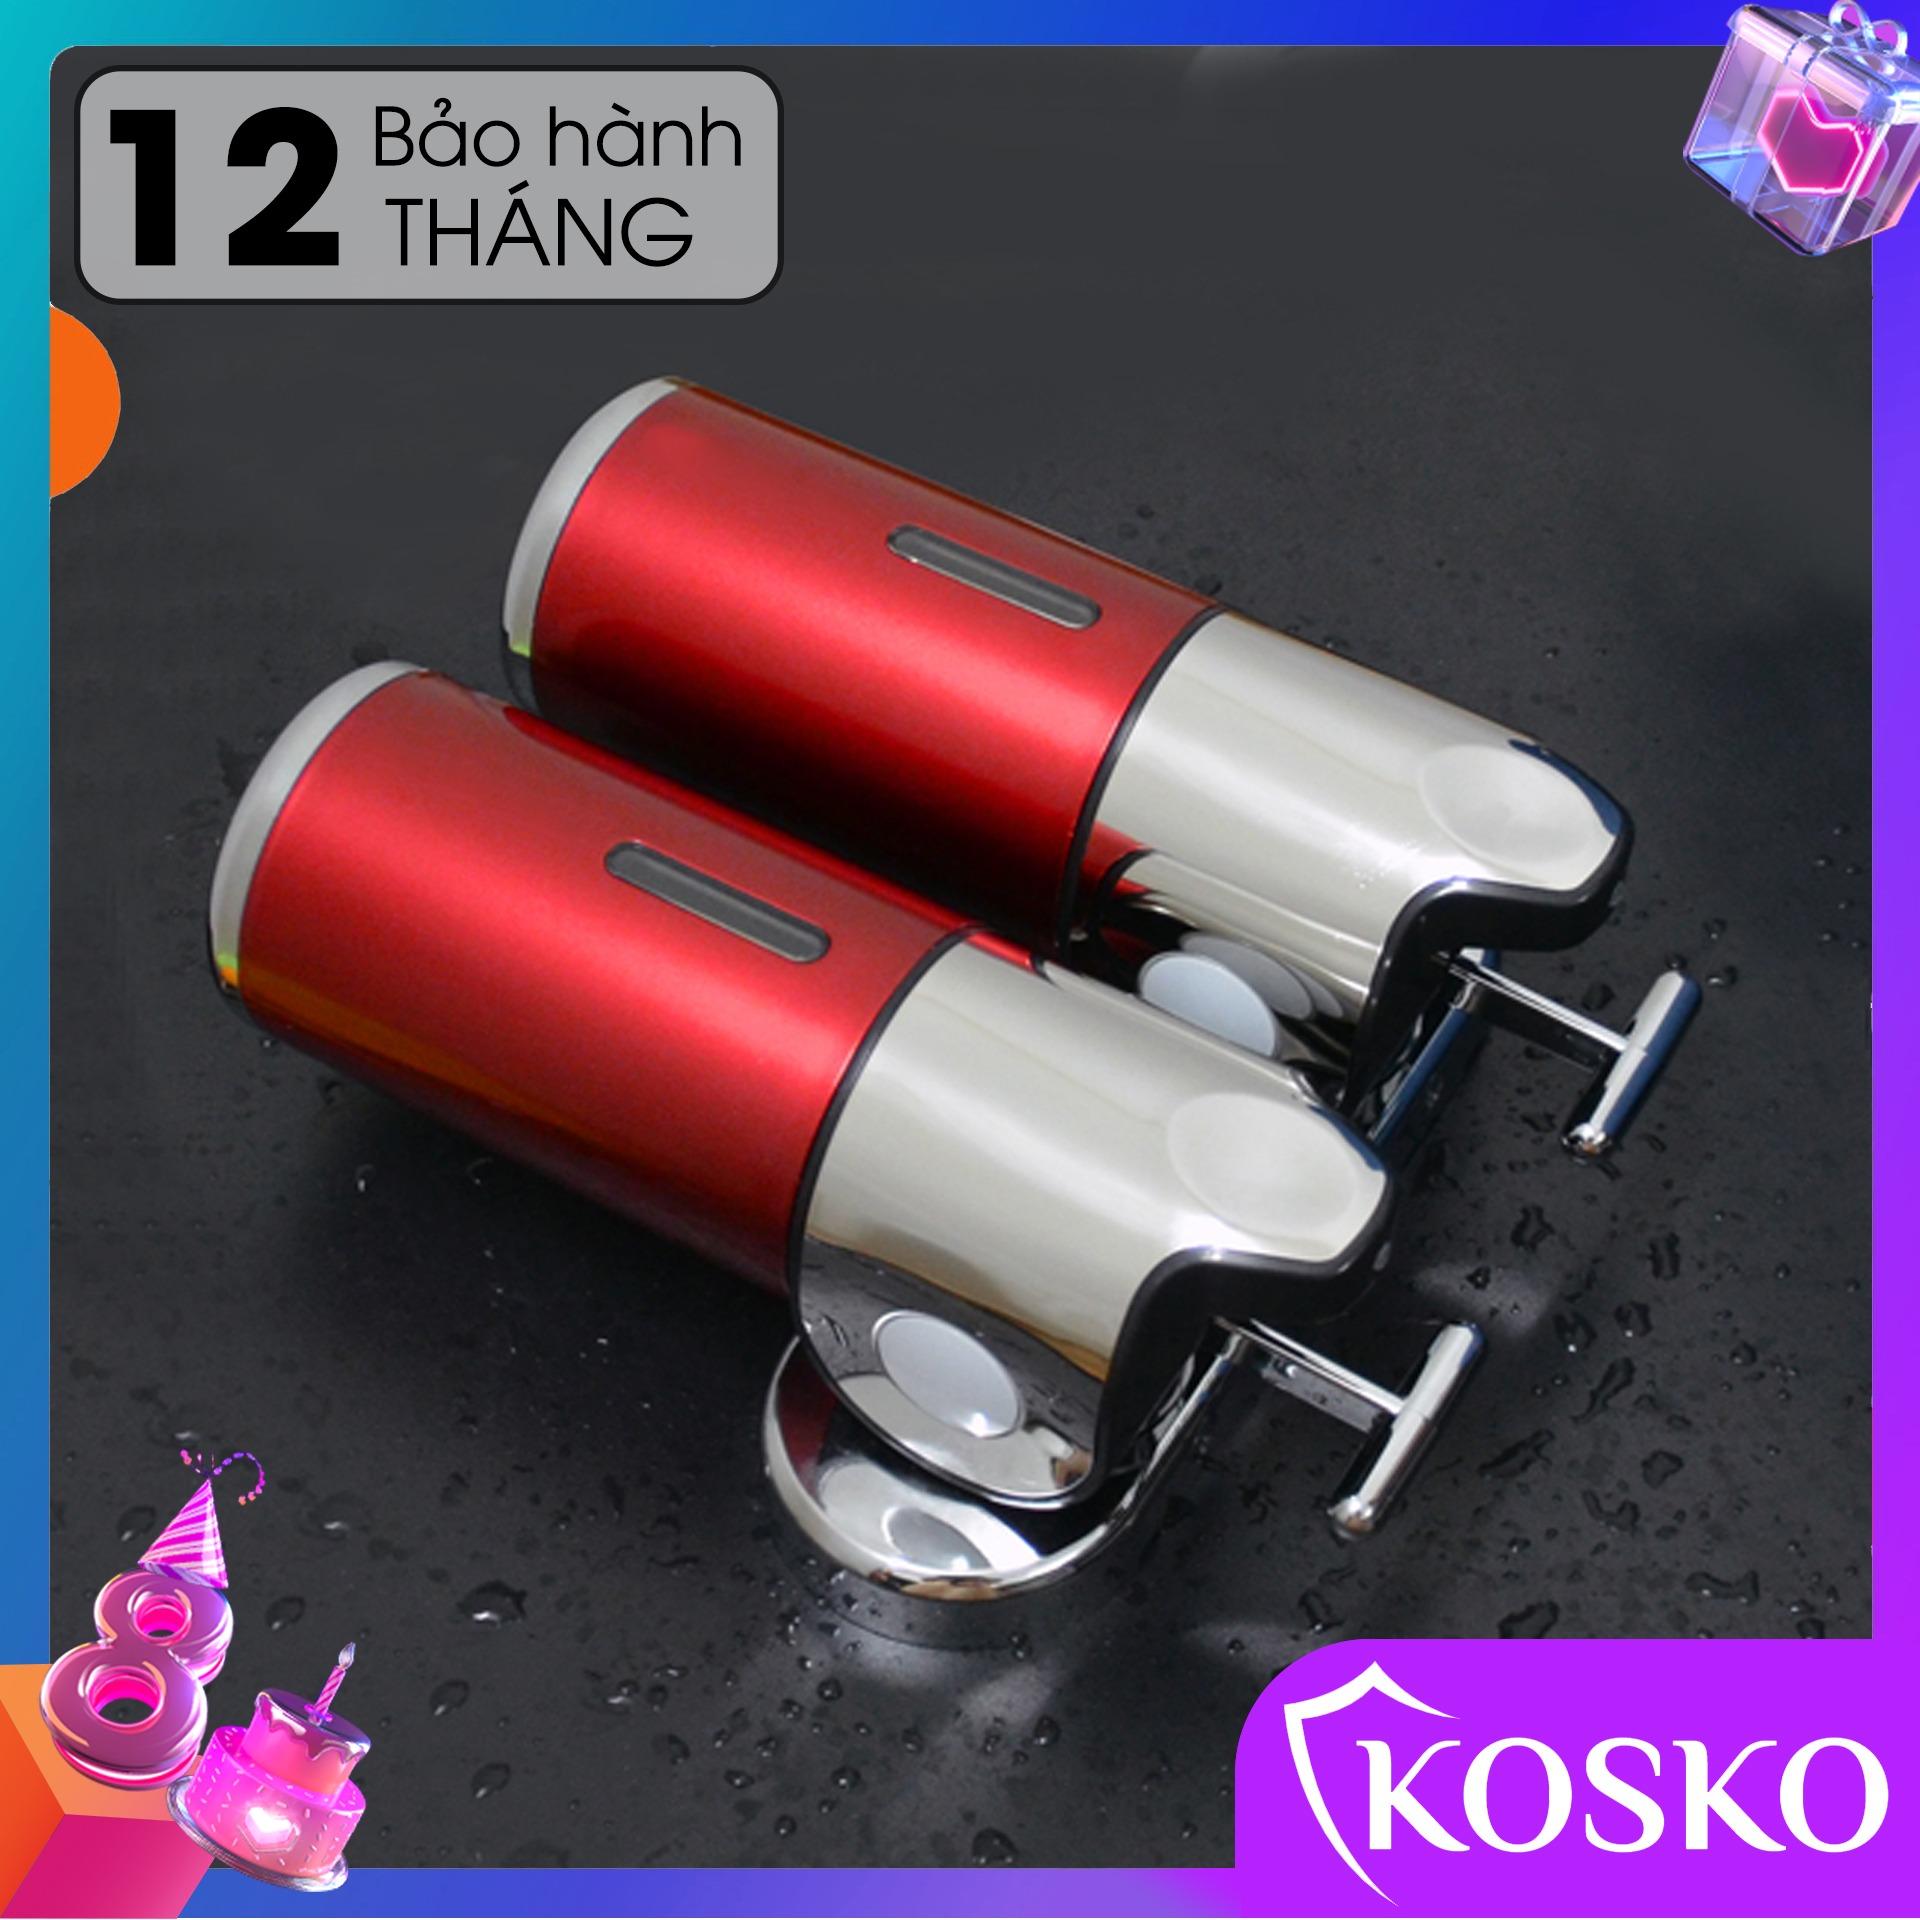 Hộp đựng dầu gội sữa tắm gắn tường KOSKO mã GANGANG KGG-175ĐĐ Đỏ đôi, hộp đựng nước rửa tay lắp đặt dễ dàng - Sử Dụng Tiện Lợi (Bảo hành 12 tháng - 1 đổi 1 trong 15 ngày)